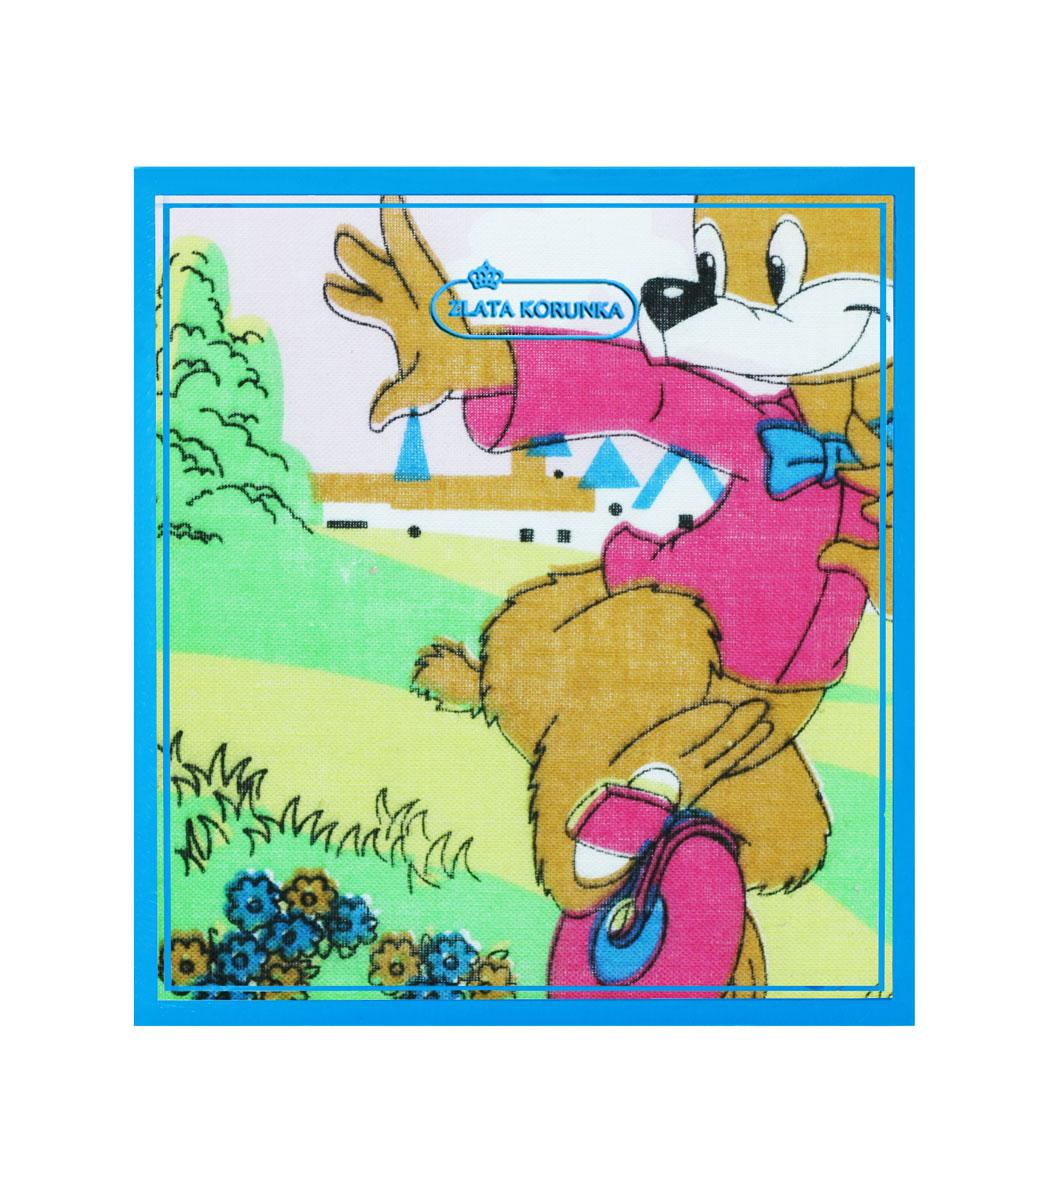 Платок носовой детский Zlata Korunka, цвет: зеленый, белый, желтый, 2 шт. 40230-13. Размер 21 см х 21 смБрошь-булавкаДетский носовой платок Zlata Korunka изготовлен из высококачественного натурального хлопка, благодаря чему приятен в использовании, хорошо стирается, не садится и отлично впитывает влагу, а также не раздражает нежную детскую кожу. Небольшой и практичный детский платочек без труда поместится в карман или школьный рюкзак ребенка и всегда будет под рукой.В комплекте 2 платка.